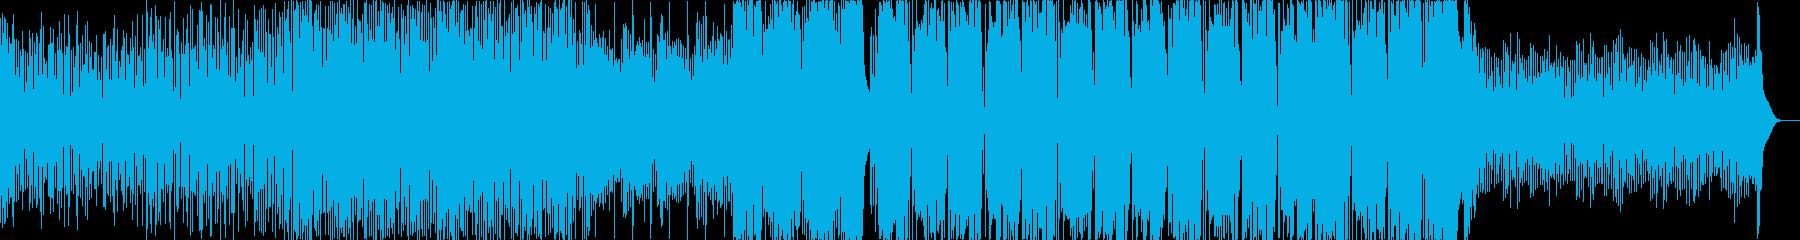 速めなFuture Bassの再生済みの波形